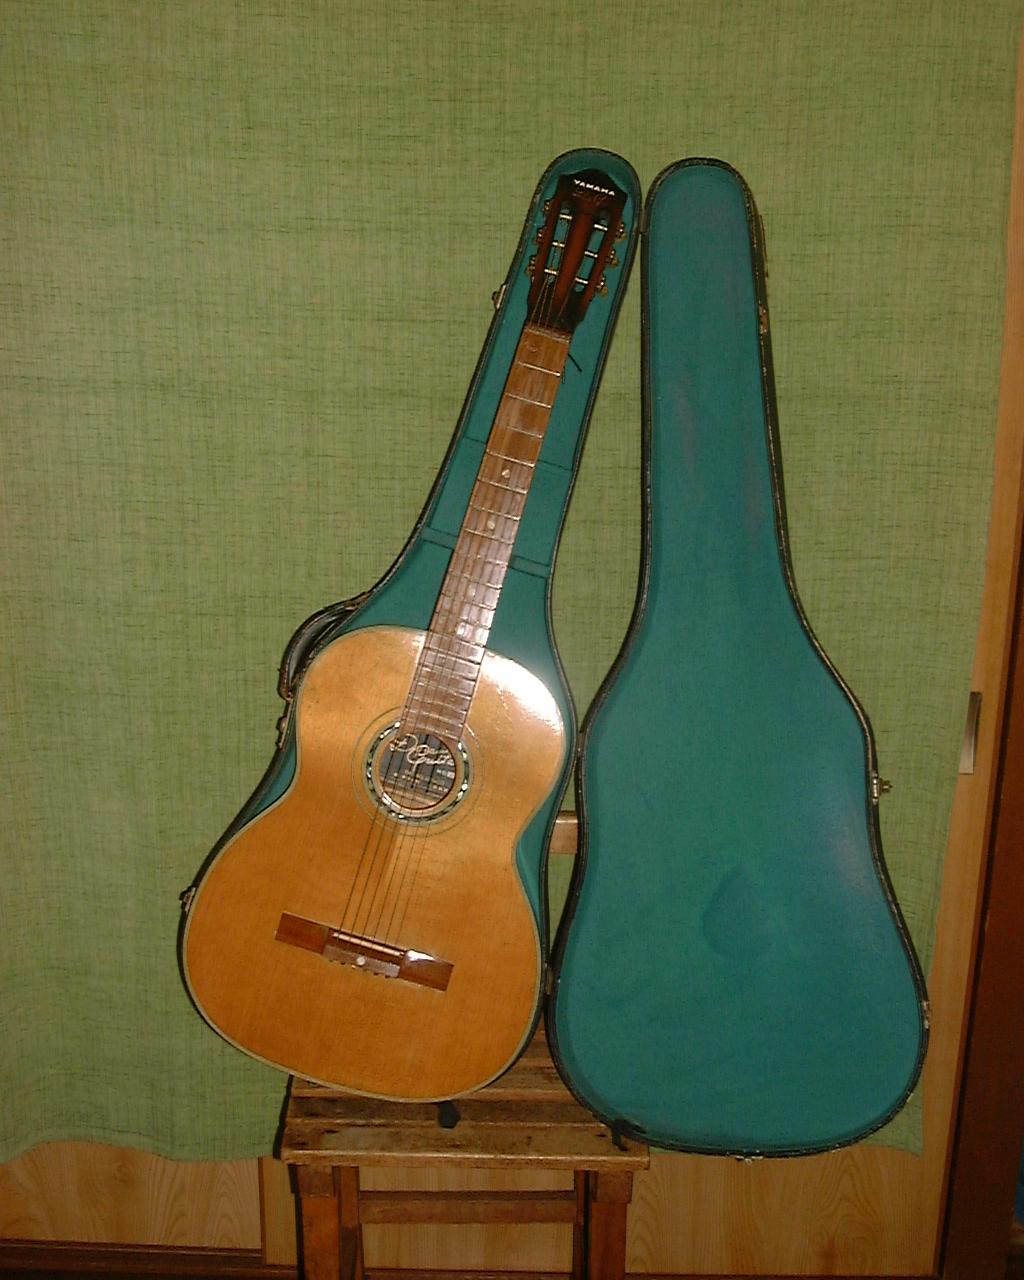 ギターの画像 p1_11